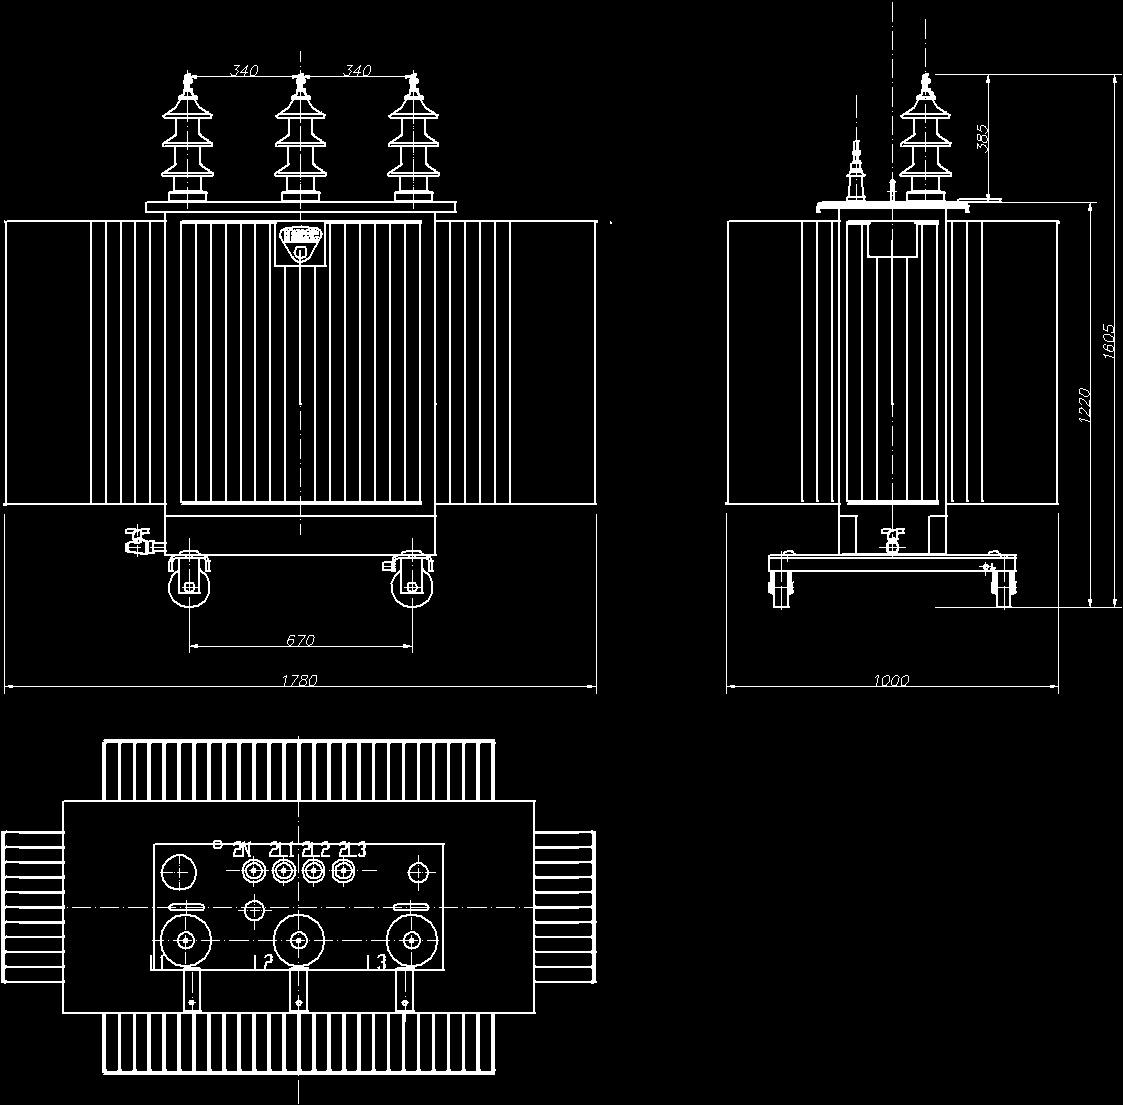 transformer dwg block for autocad  u2022 designscad